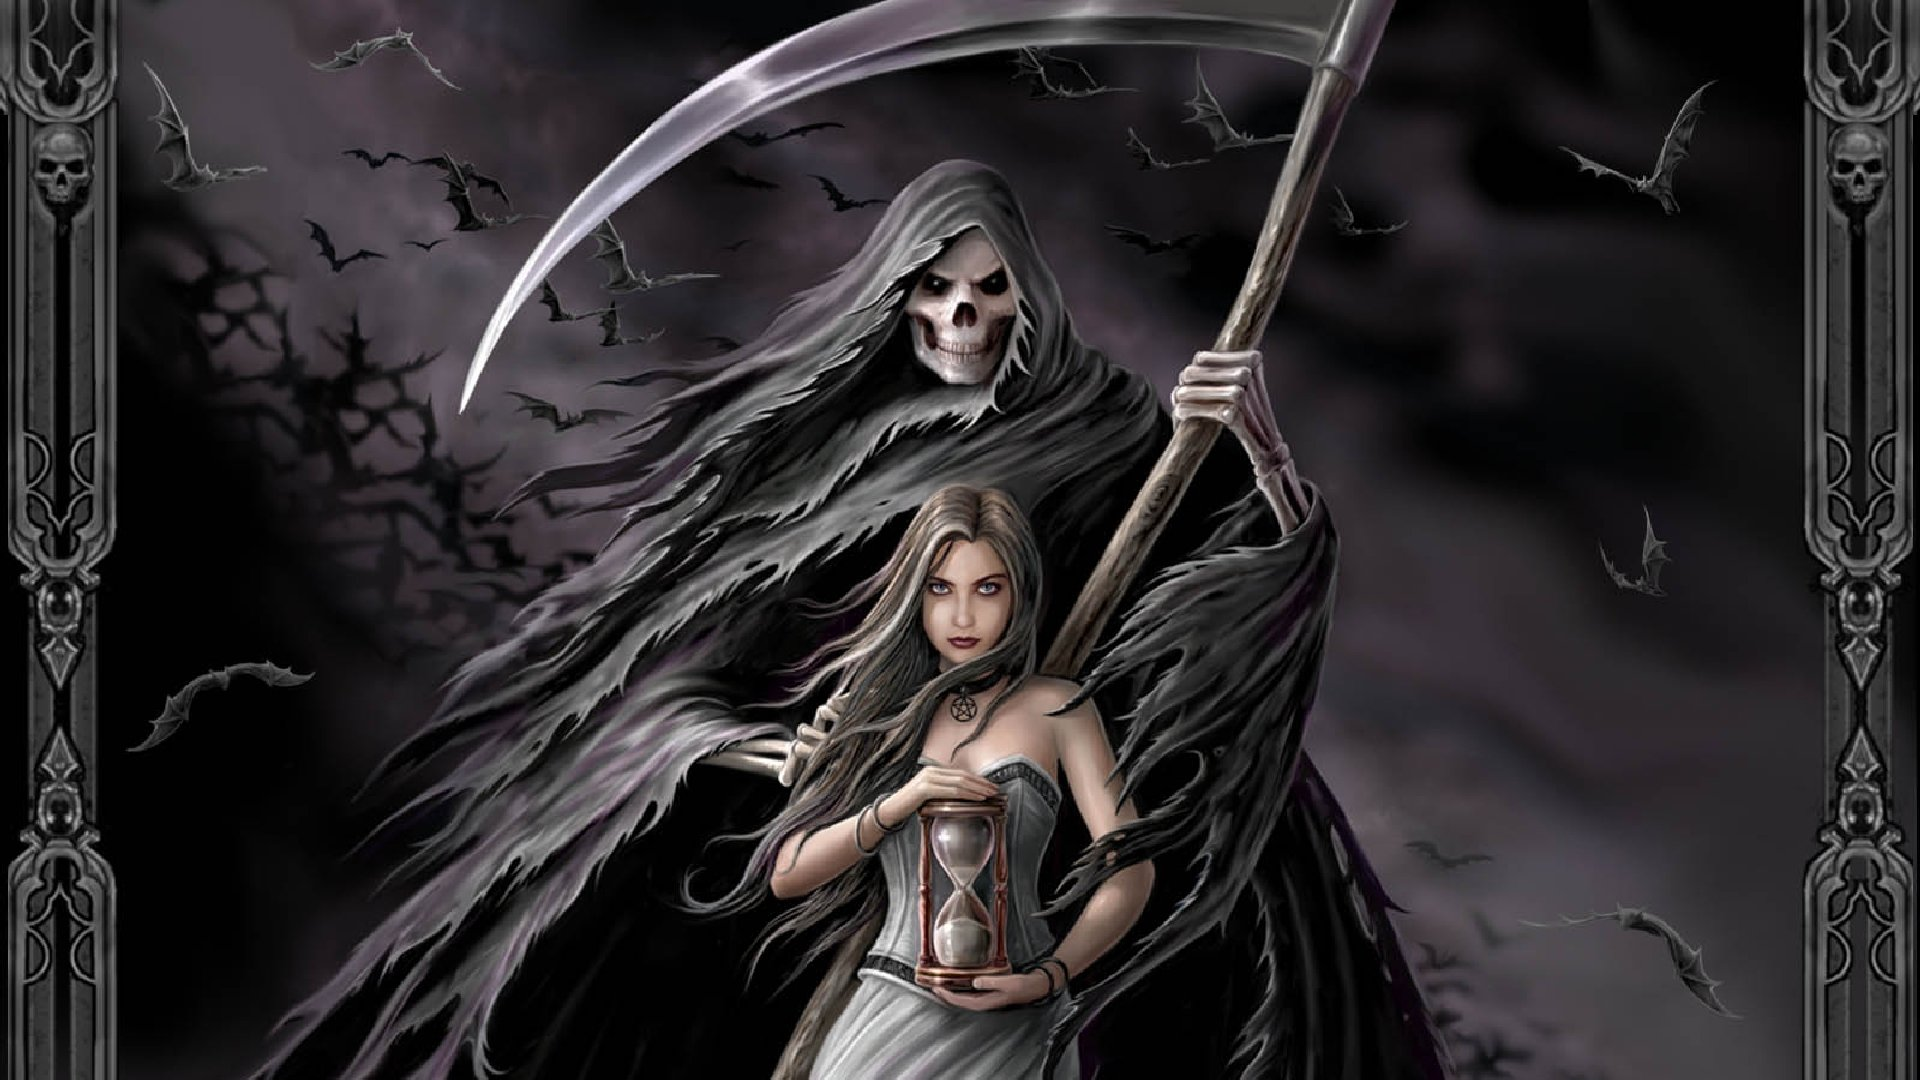 Grim Reaper wallpapers 1920x1080 Full HD (1080p) desktop ...